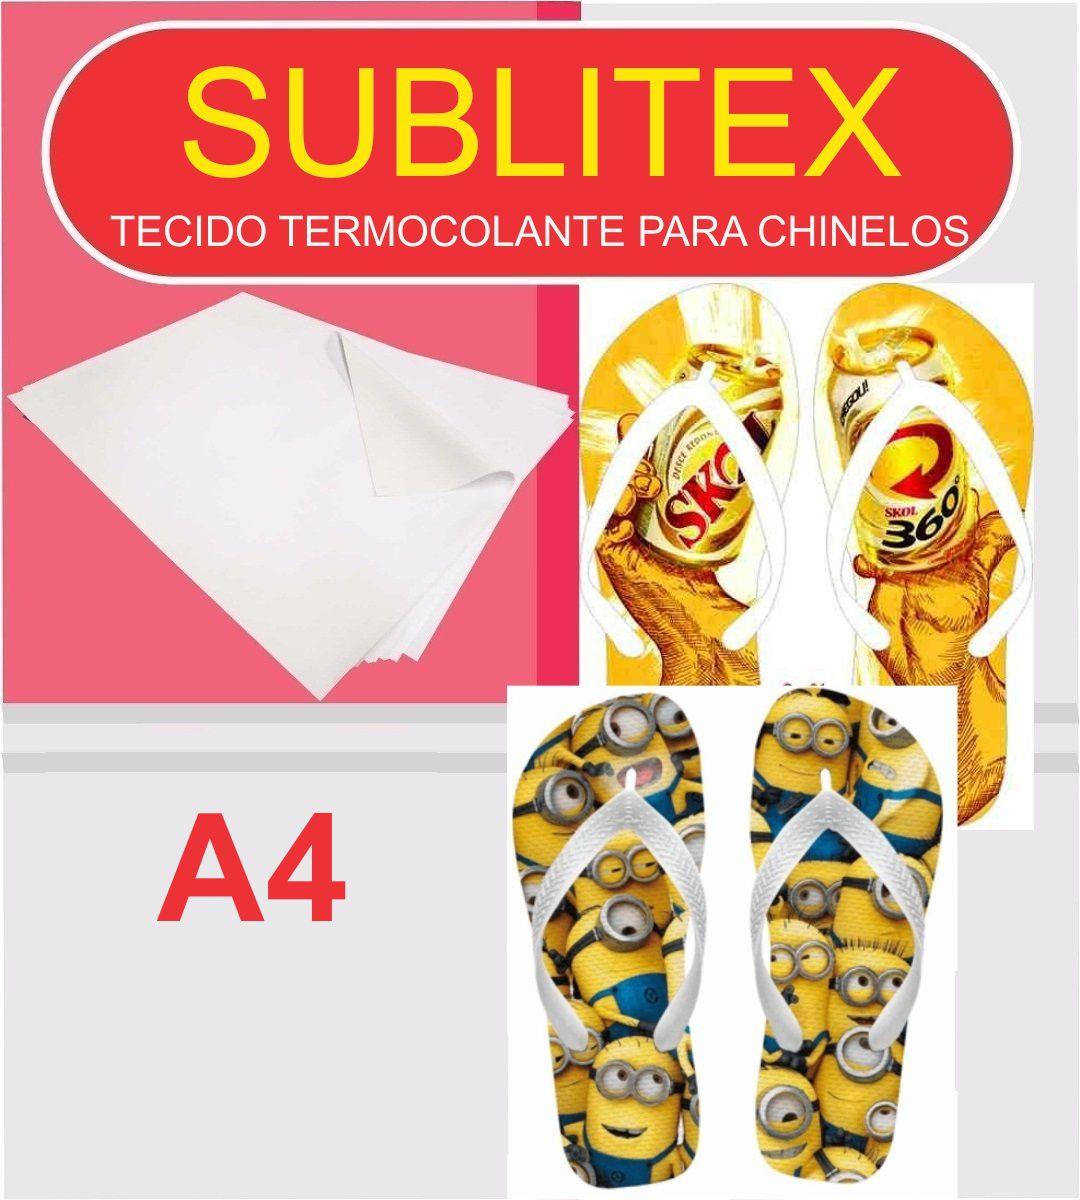 Sublitex - Tecido Termocolante para Sublimação Chinelos - A4